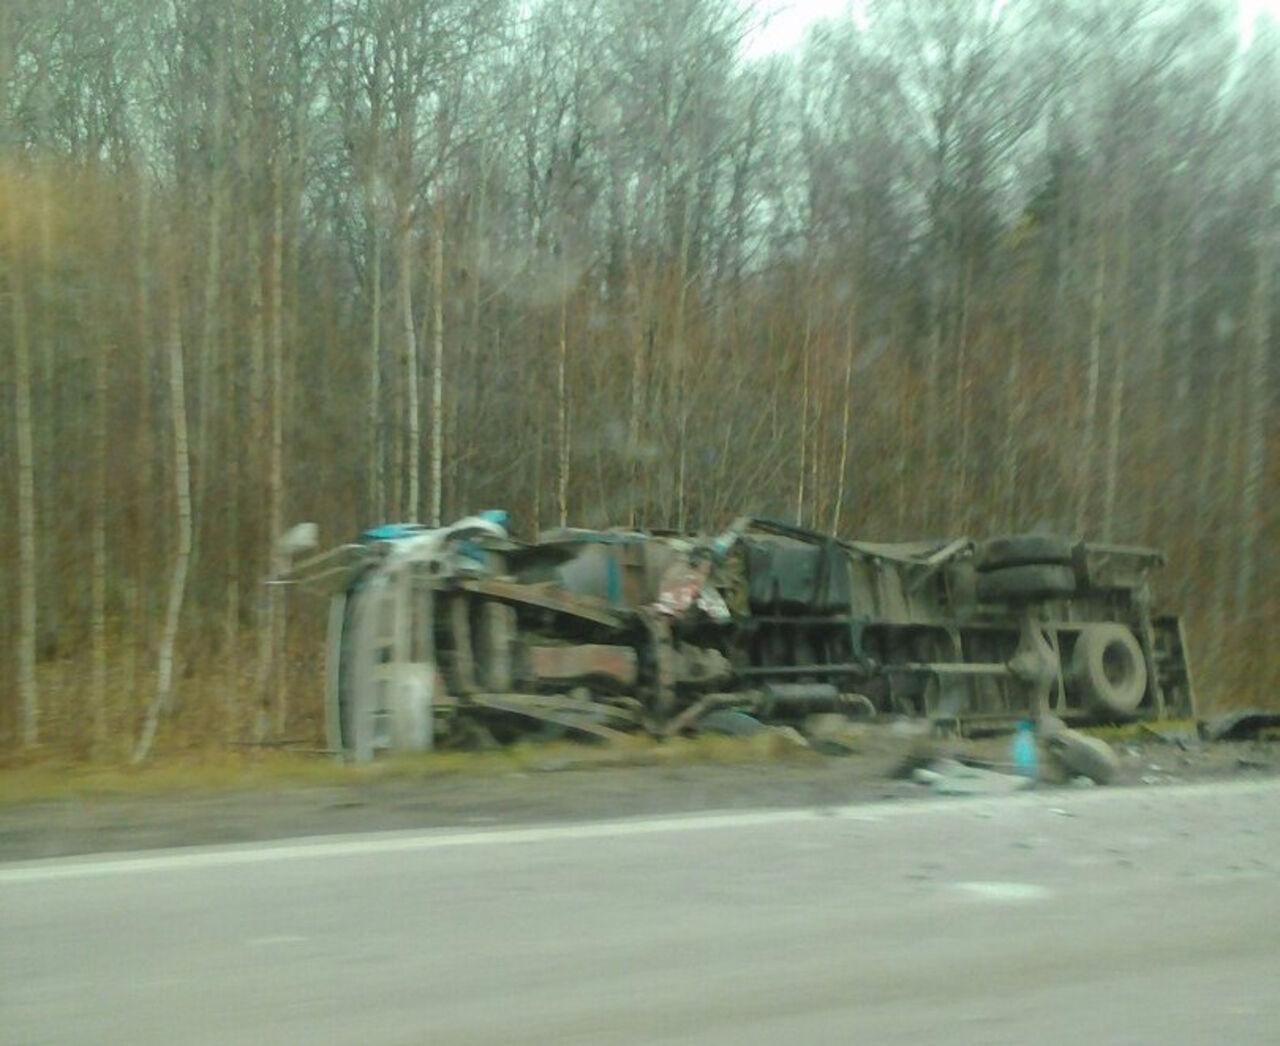 Возникла видеозапись сместа смертоносного ДТП с грузовым автомобилем вКузбассе